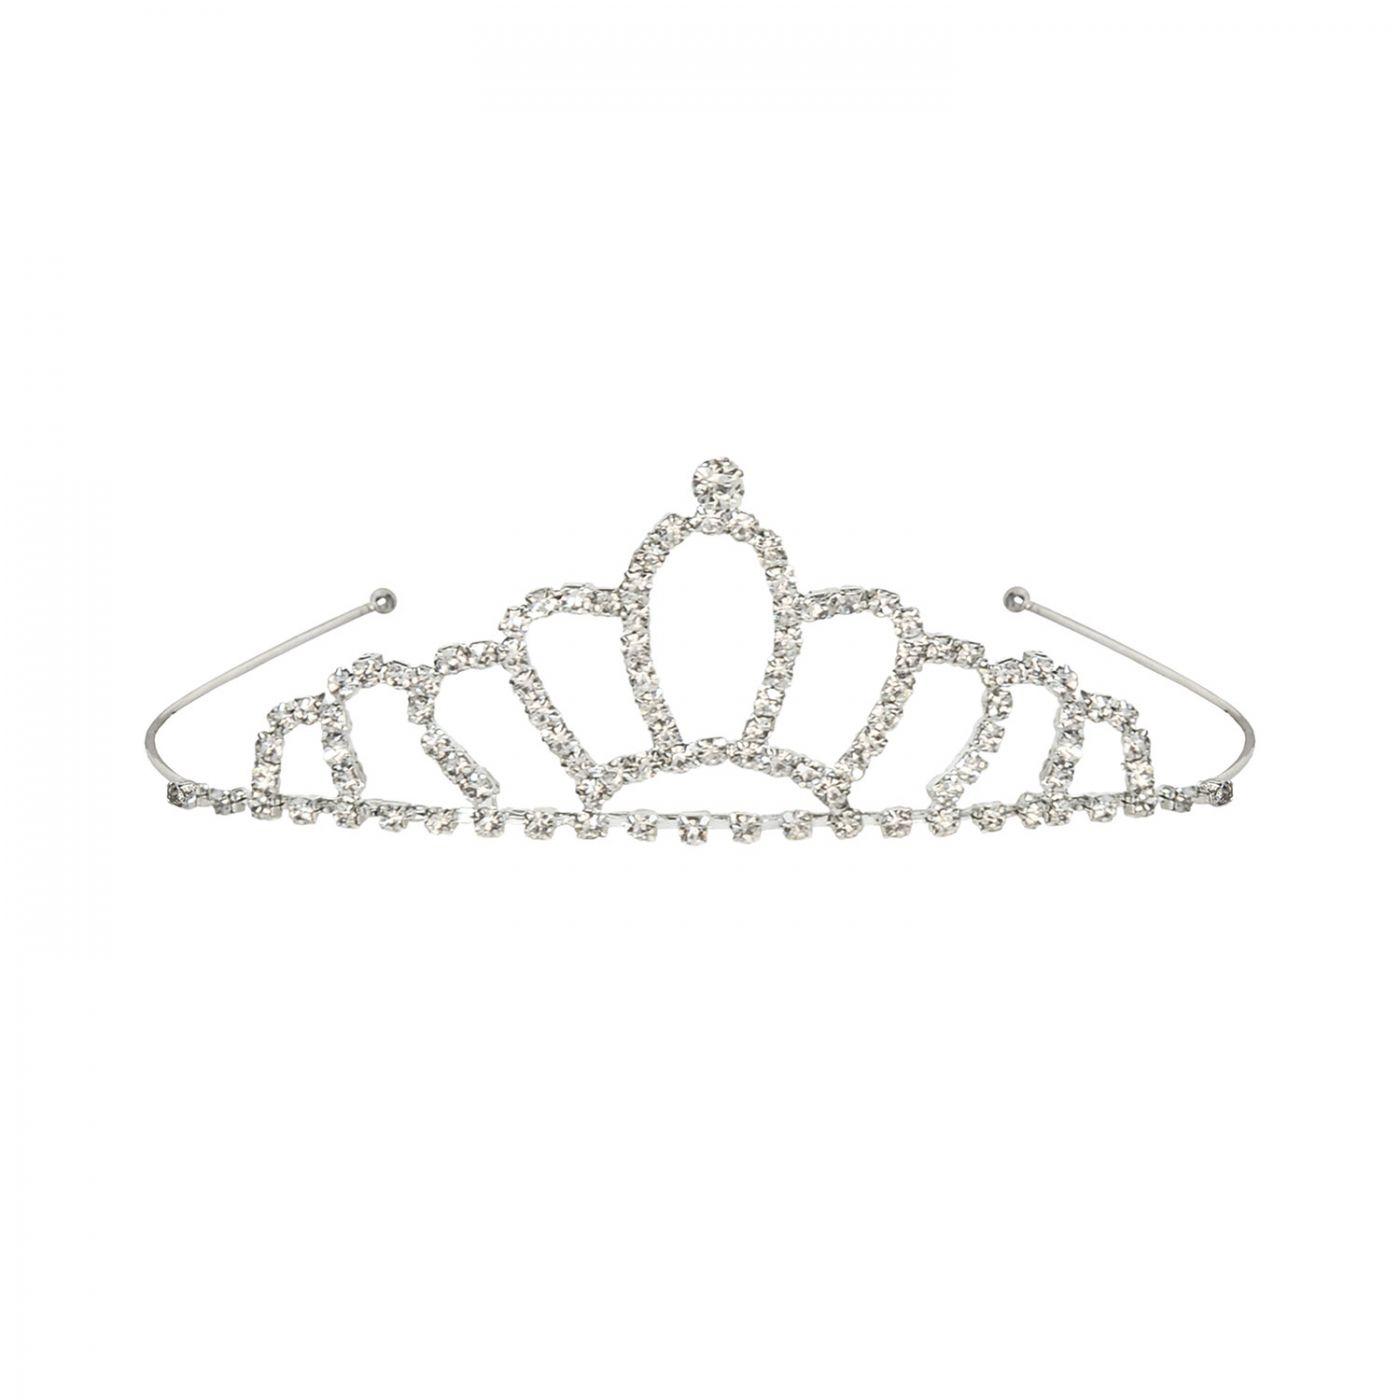 Royal Rhinestone Tiara (6) image